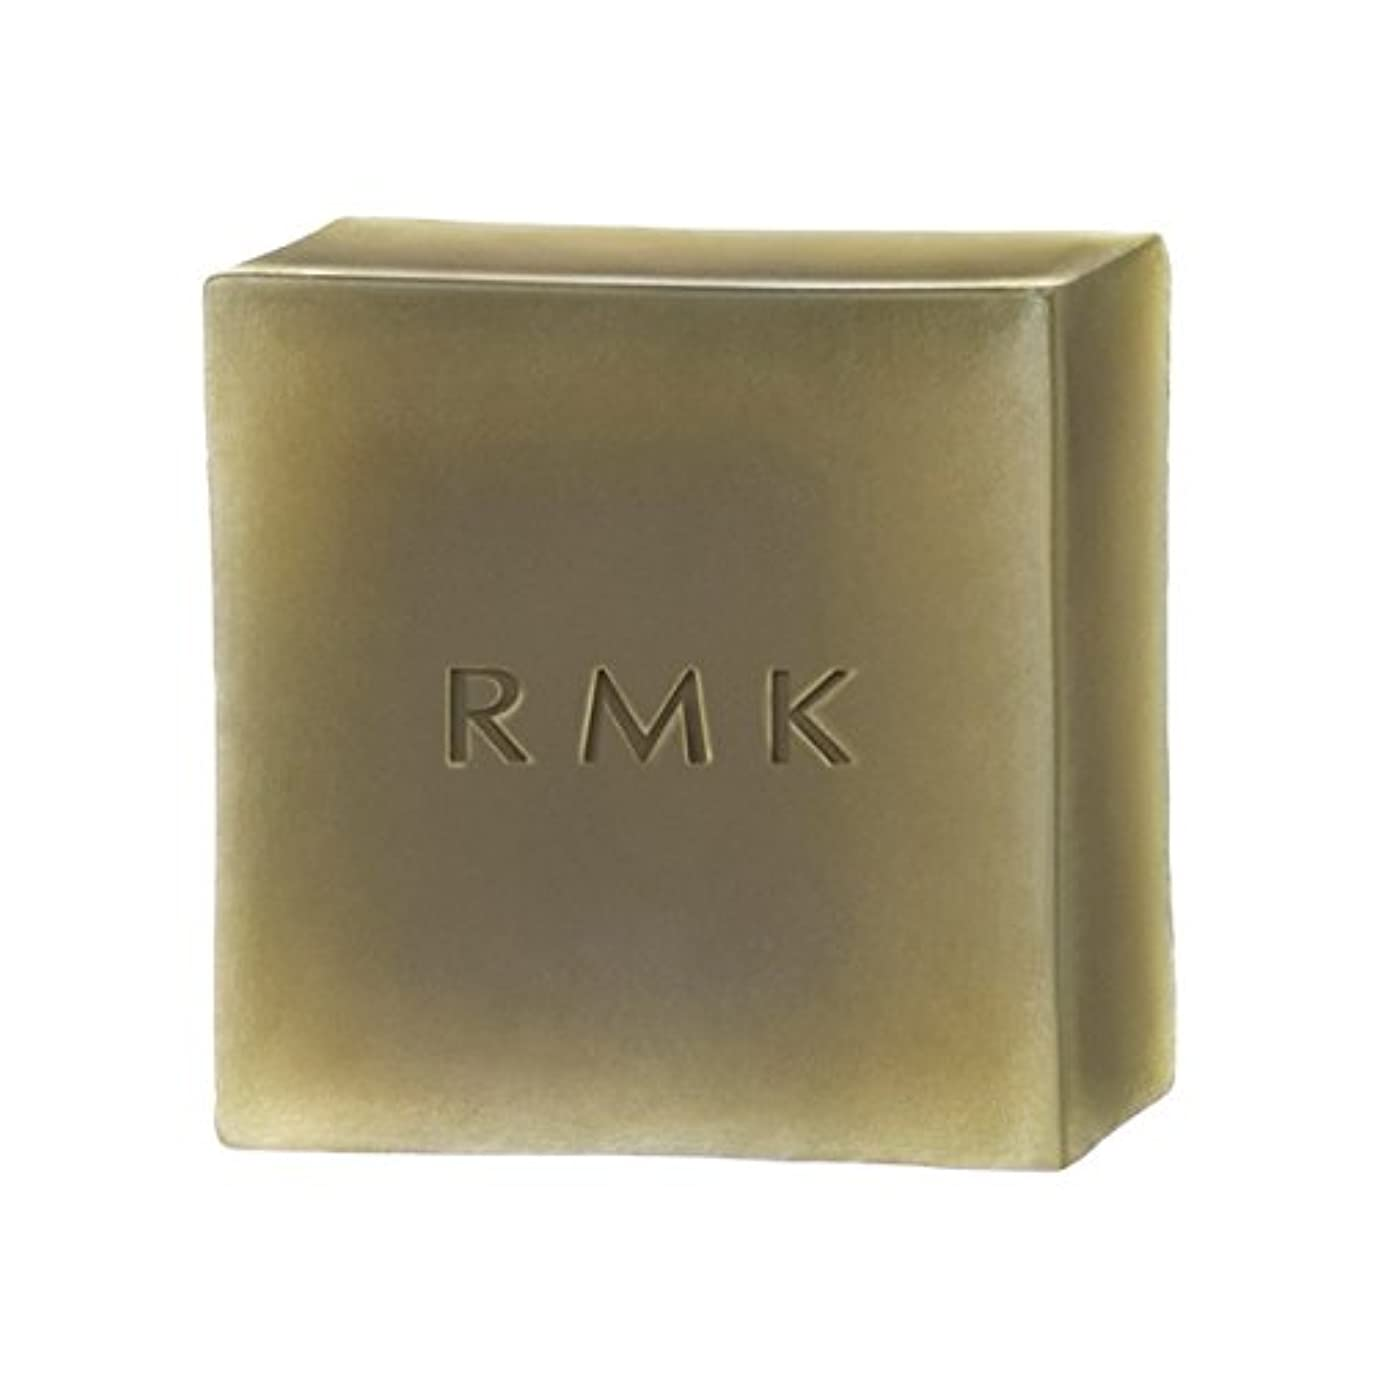 疑問を超えてシーフード振り向くRMK(アールエムケー) スムース ソープバー 130g